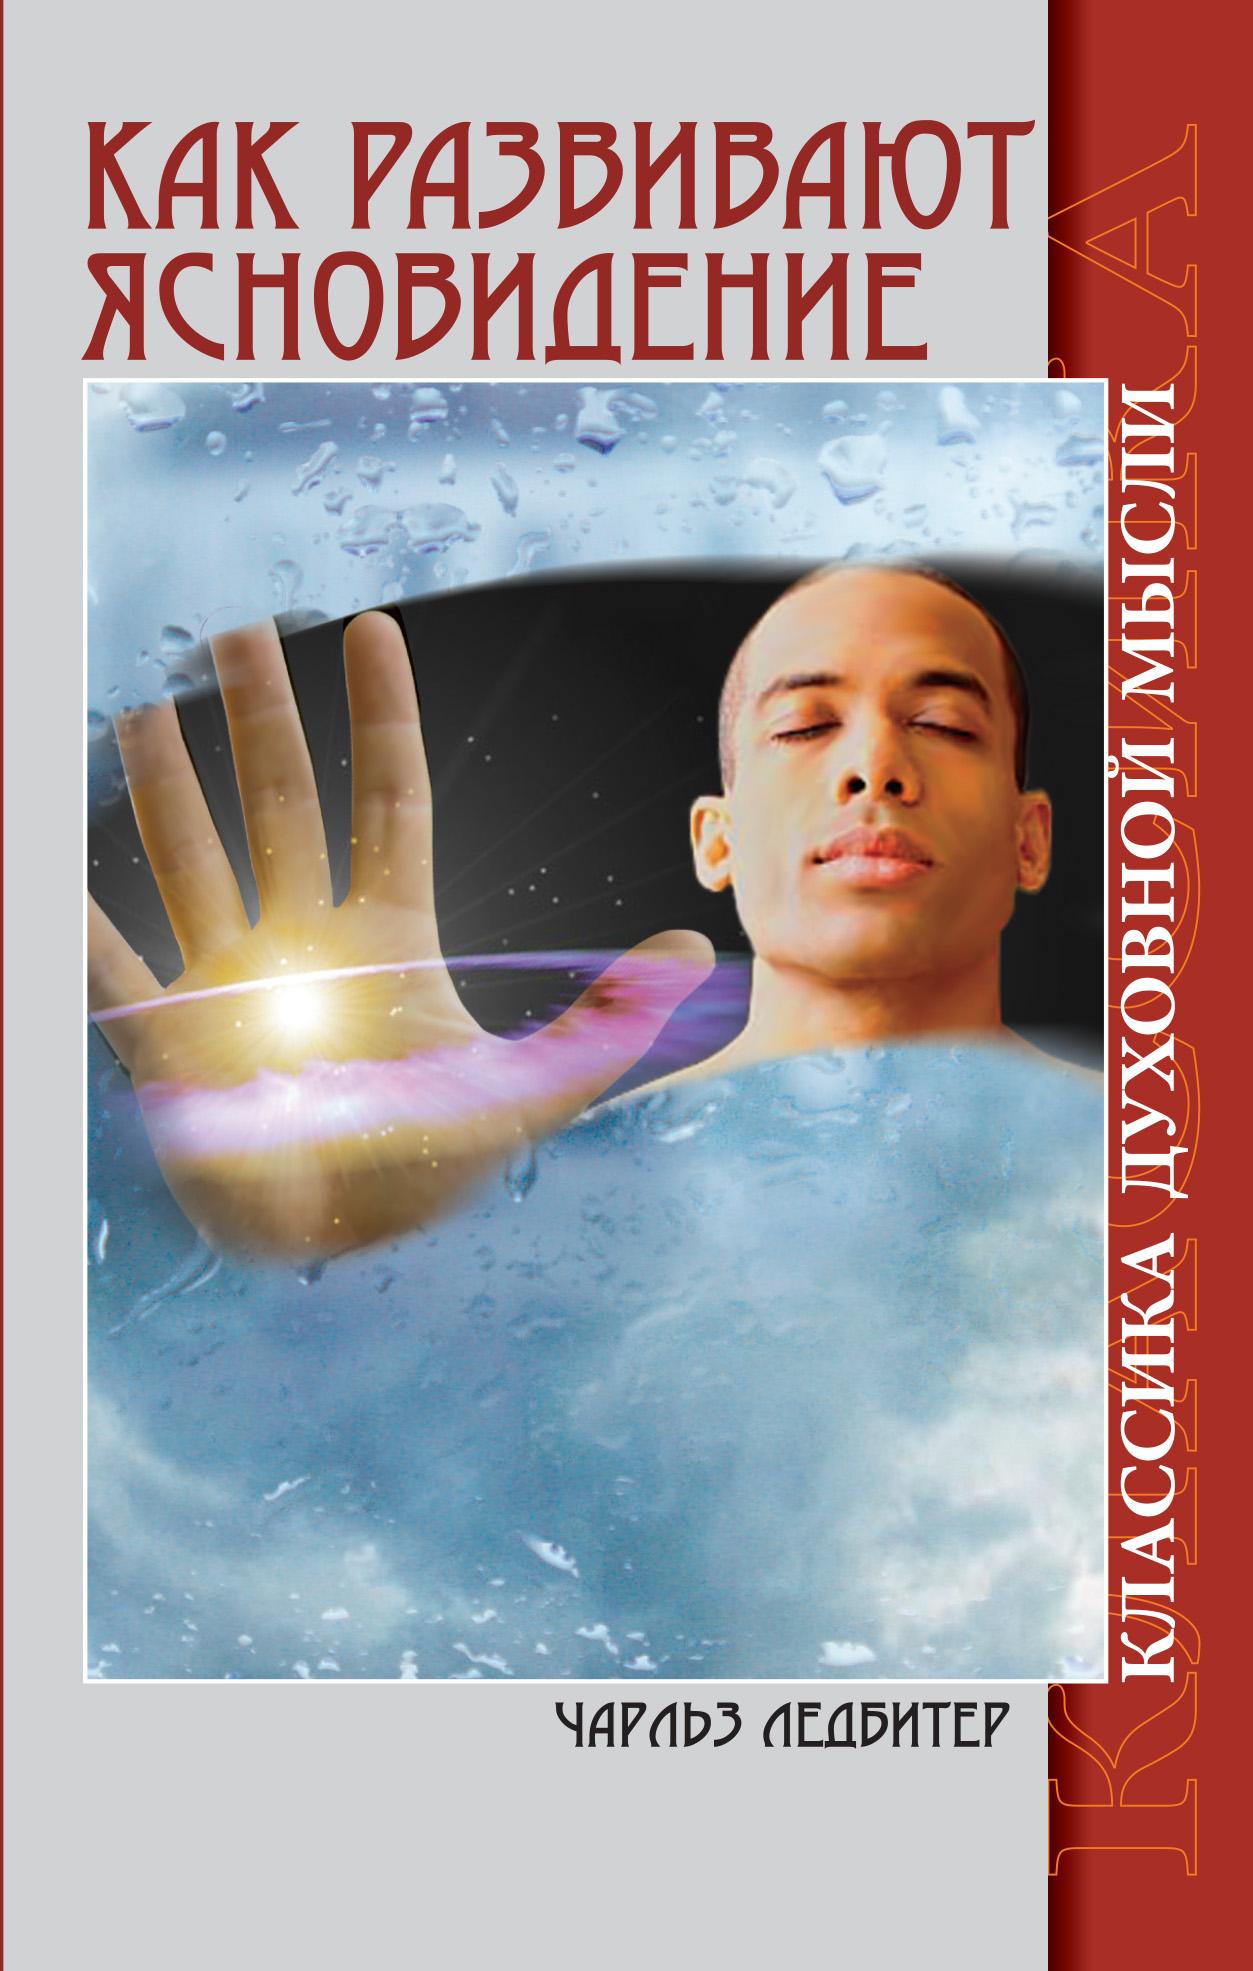 Как развивают ясновидение. 5-е изд. Классика духовной мысли